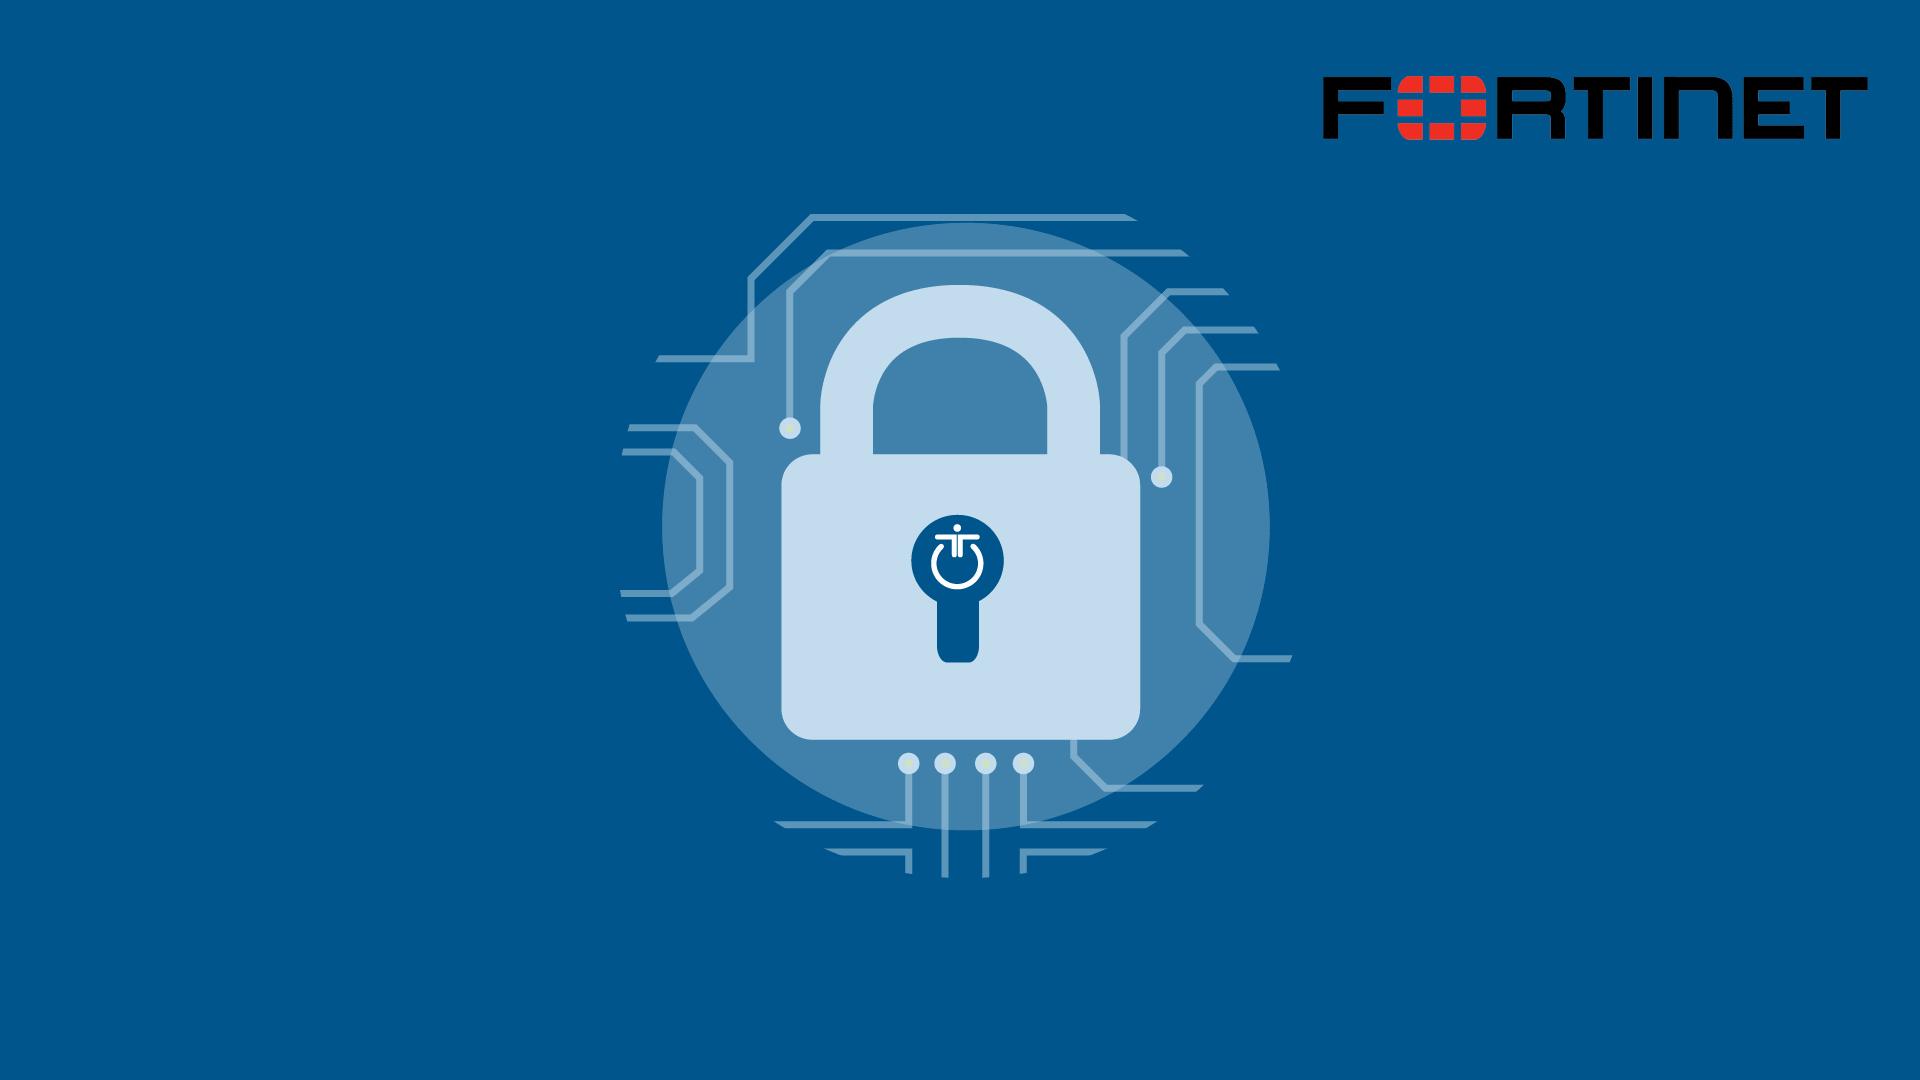 วิสัยทัศน์ของ Fortinet กับการใช้ AI ในด้าน cyber security